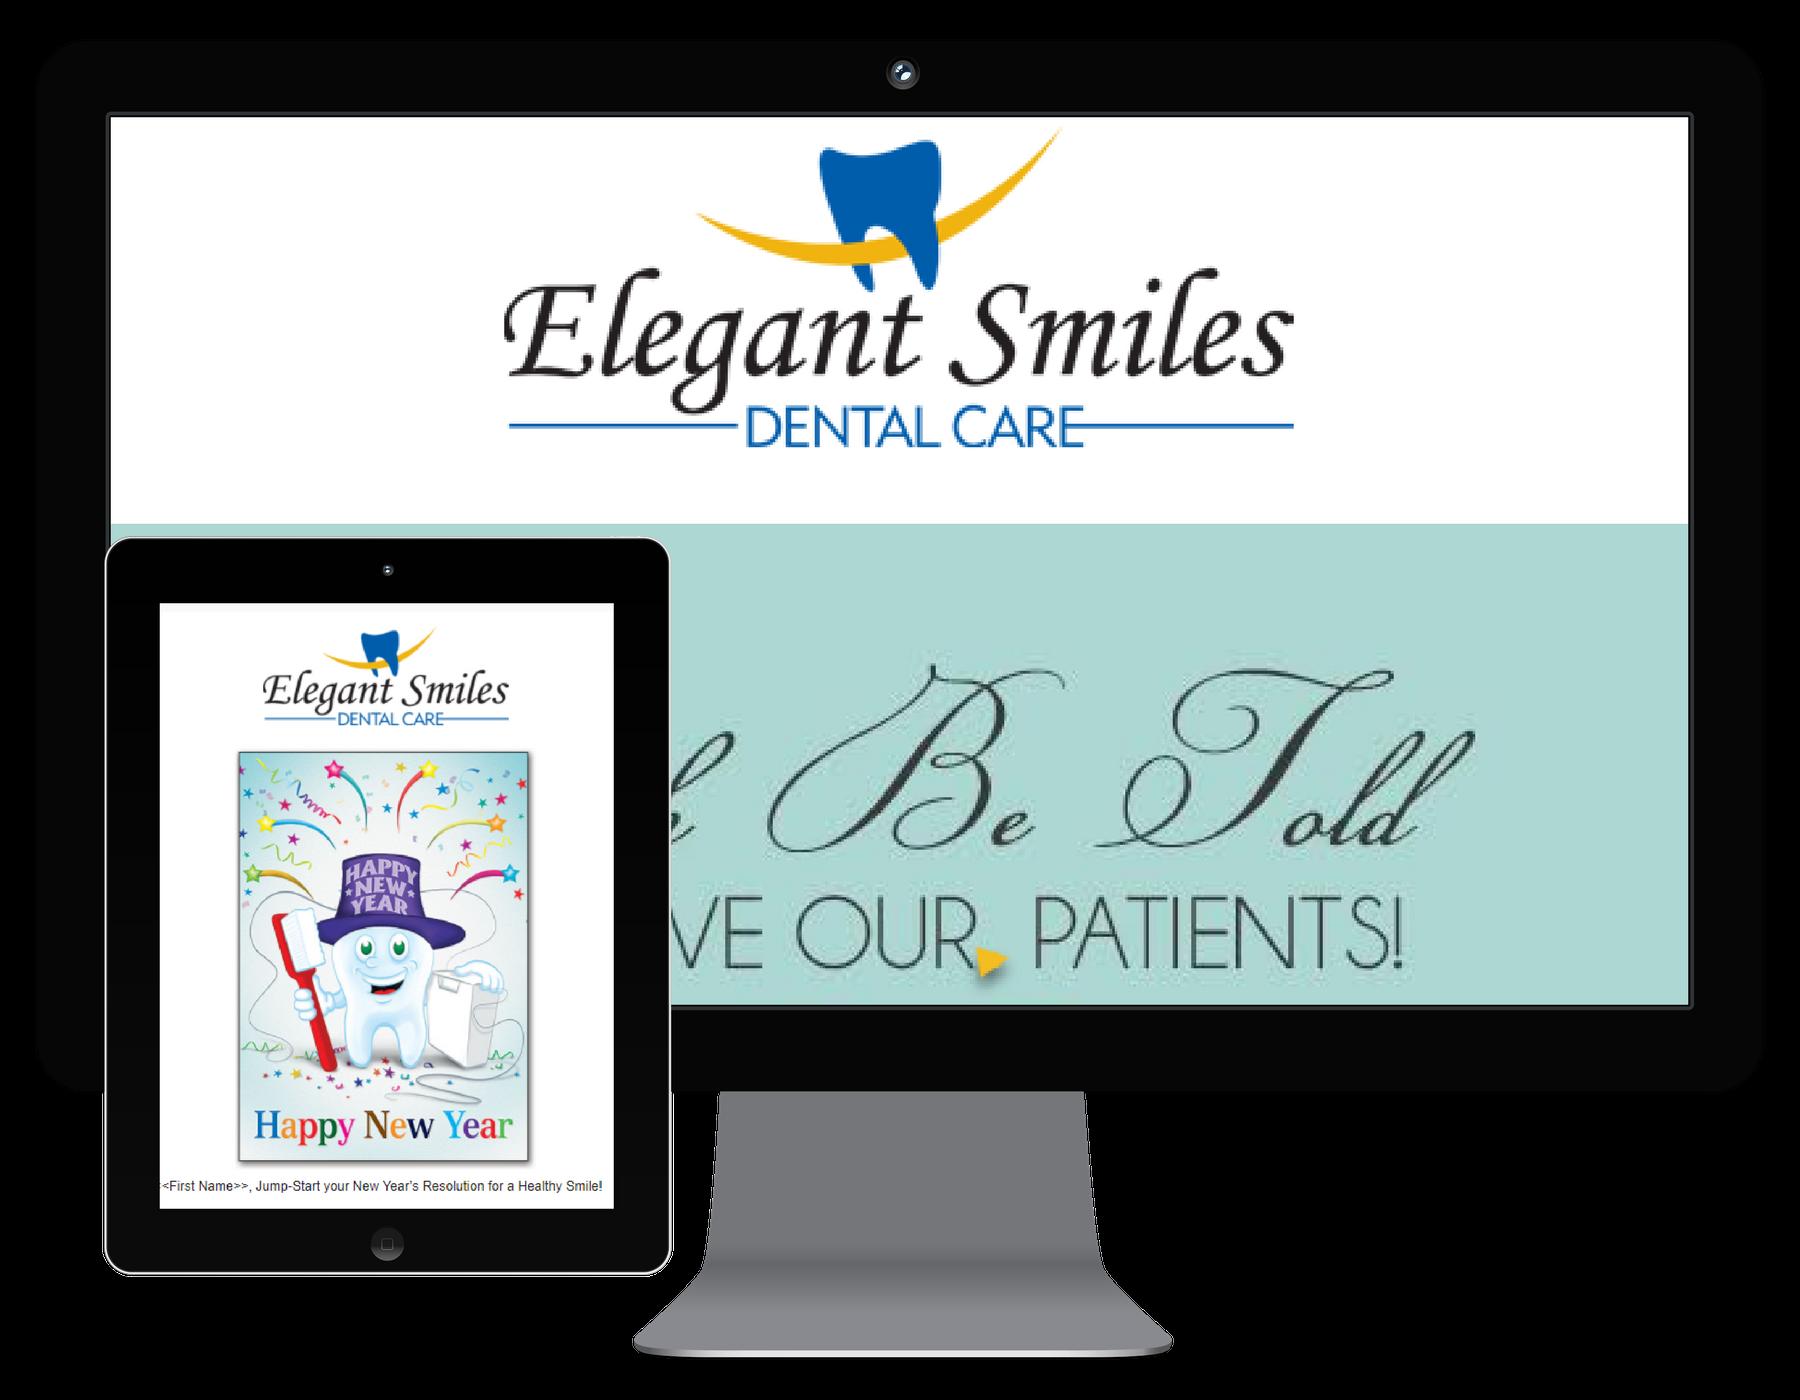 Elegant Smiles Emails